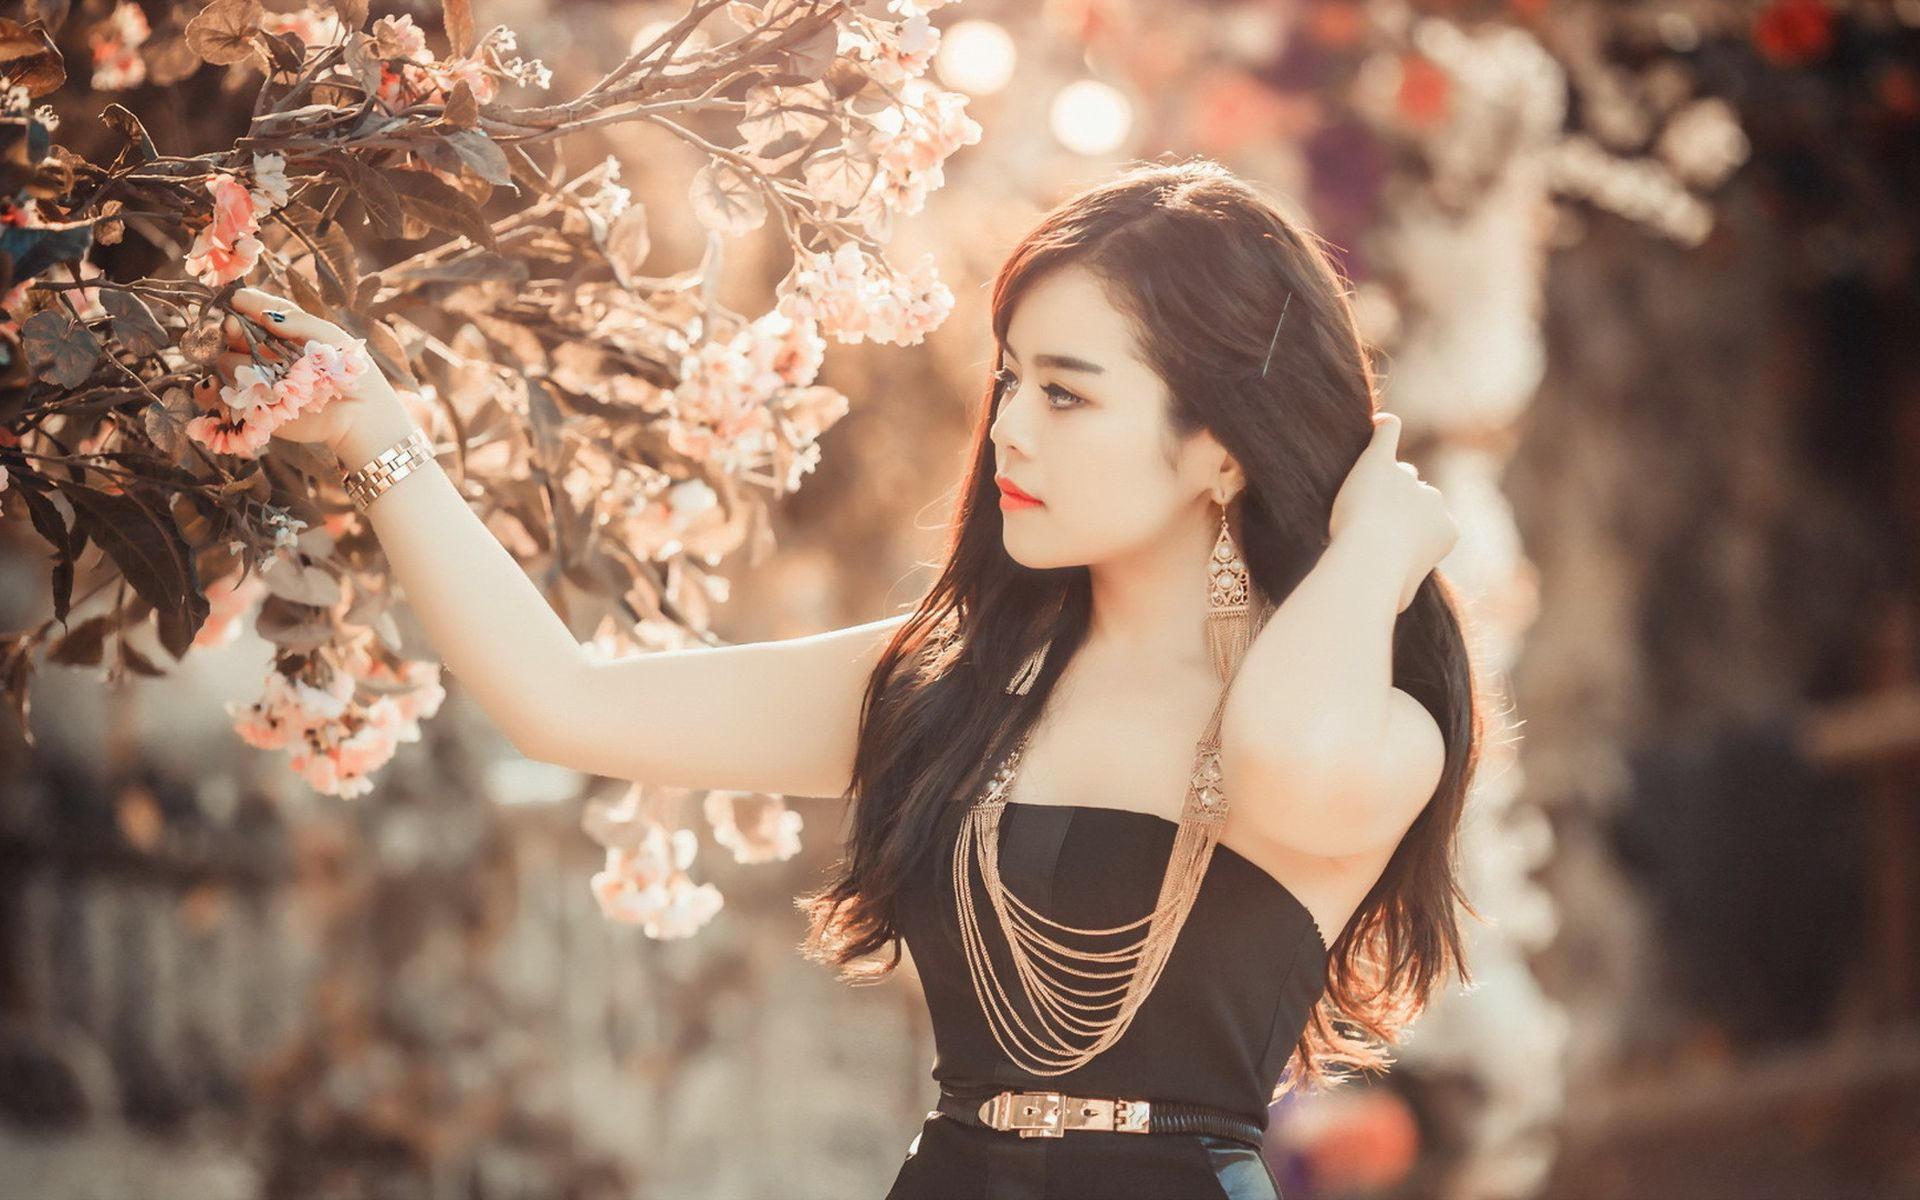 Фотомодель из Азии с красивыми цветами